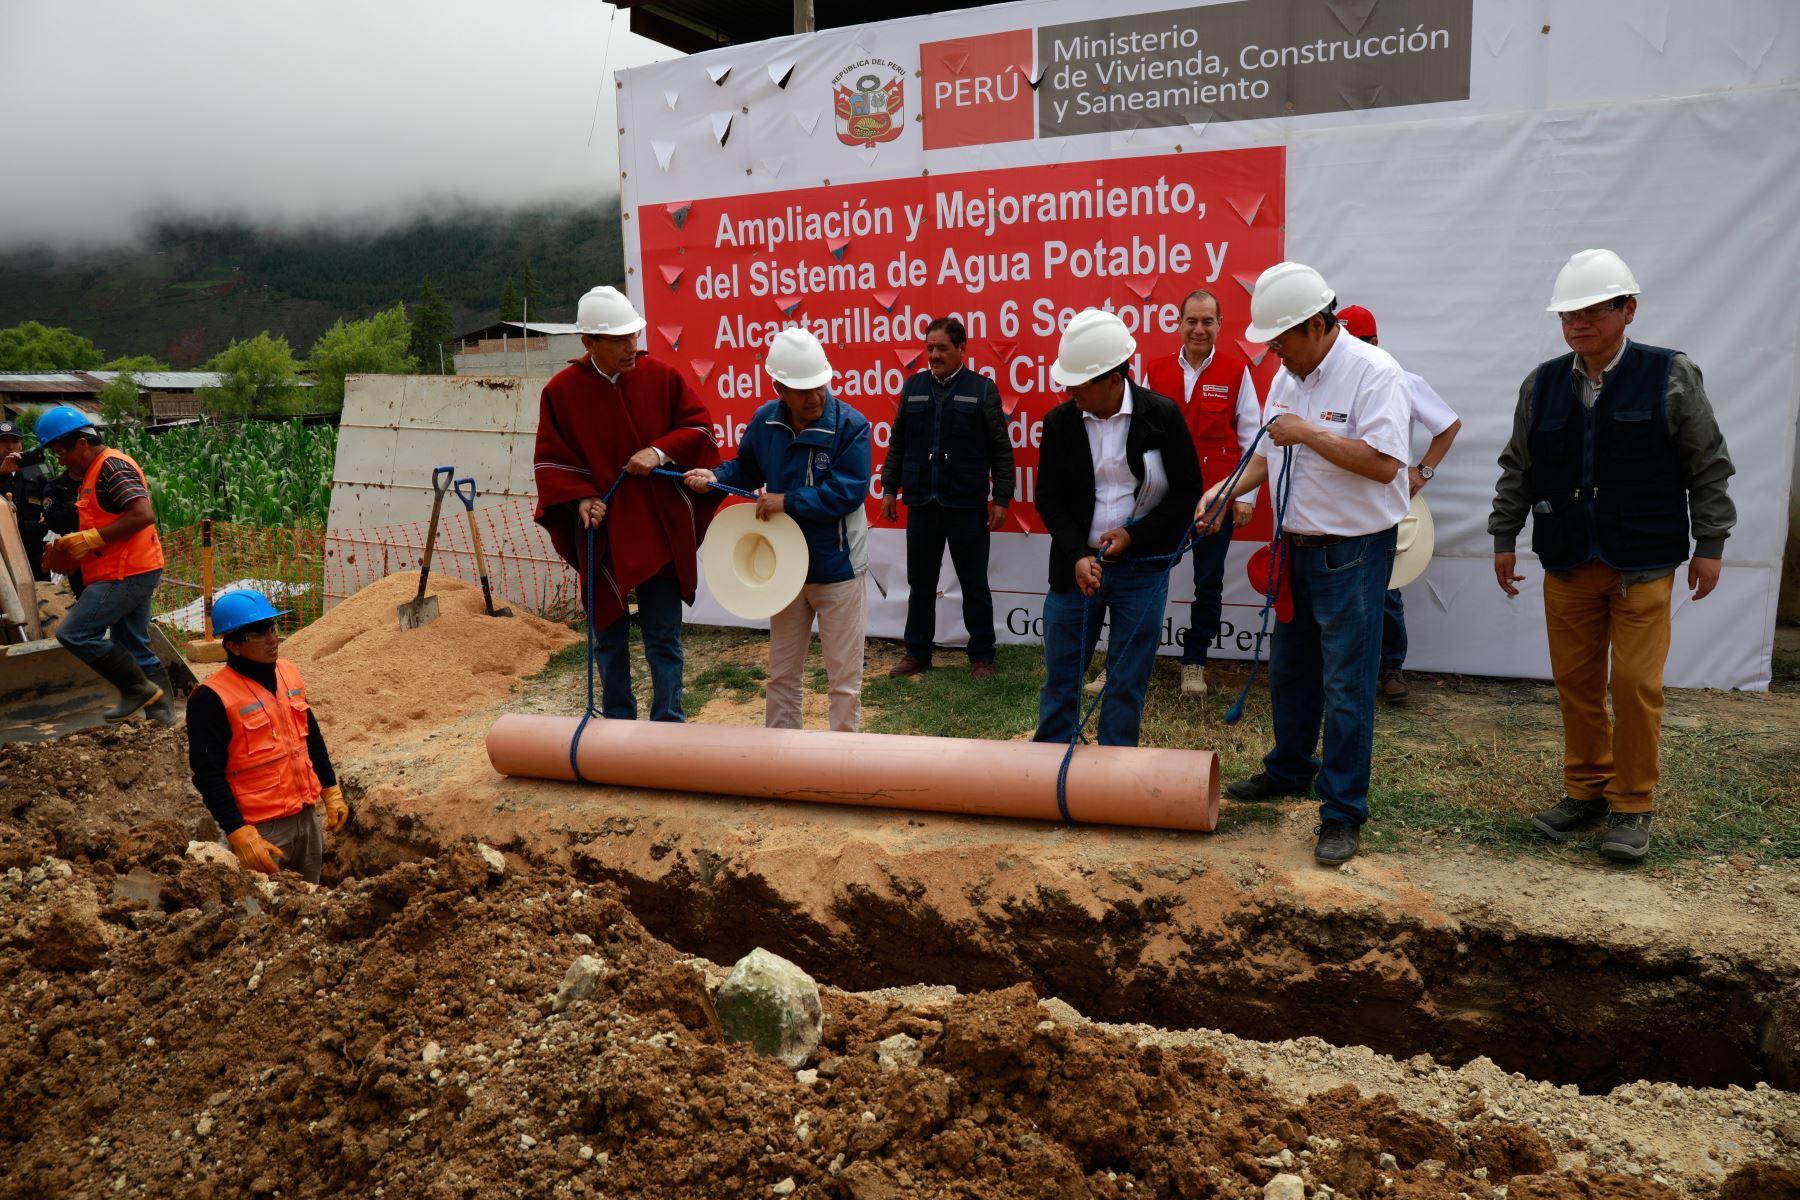 Ministerio de Vivienda invierte más de S/ 5 millones para ampliar cobertura de agua potable en la ciudad de Celendín, en Cajamarca. ANDINA/Difusión